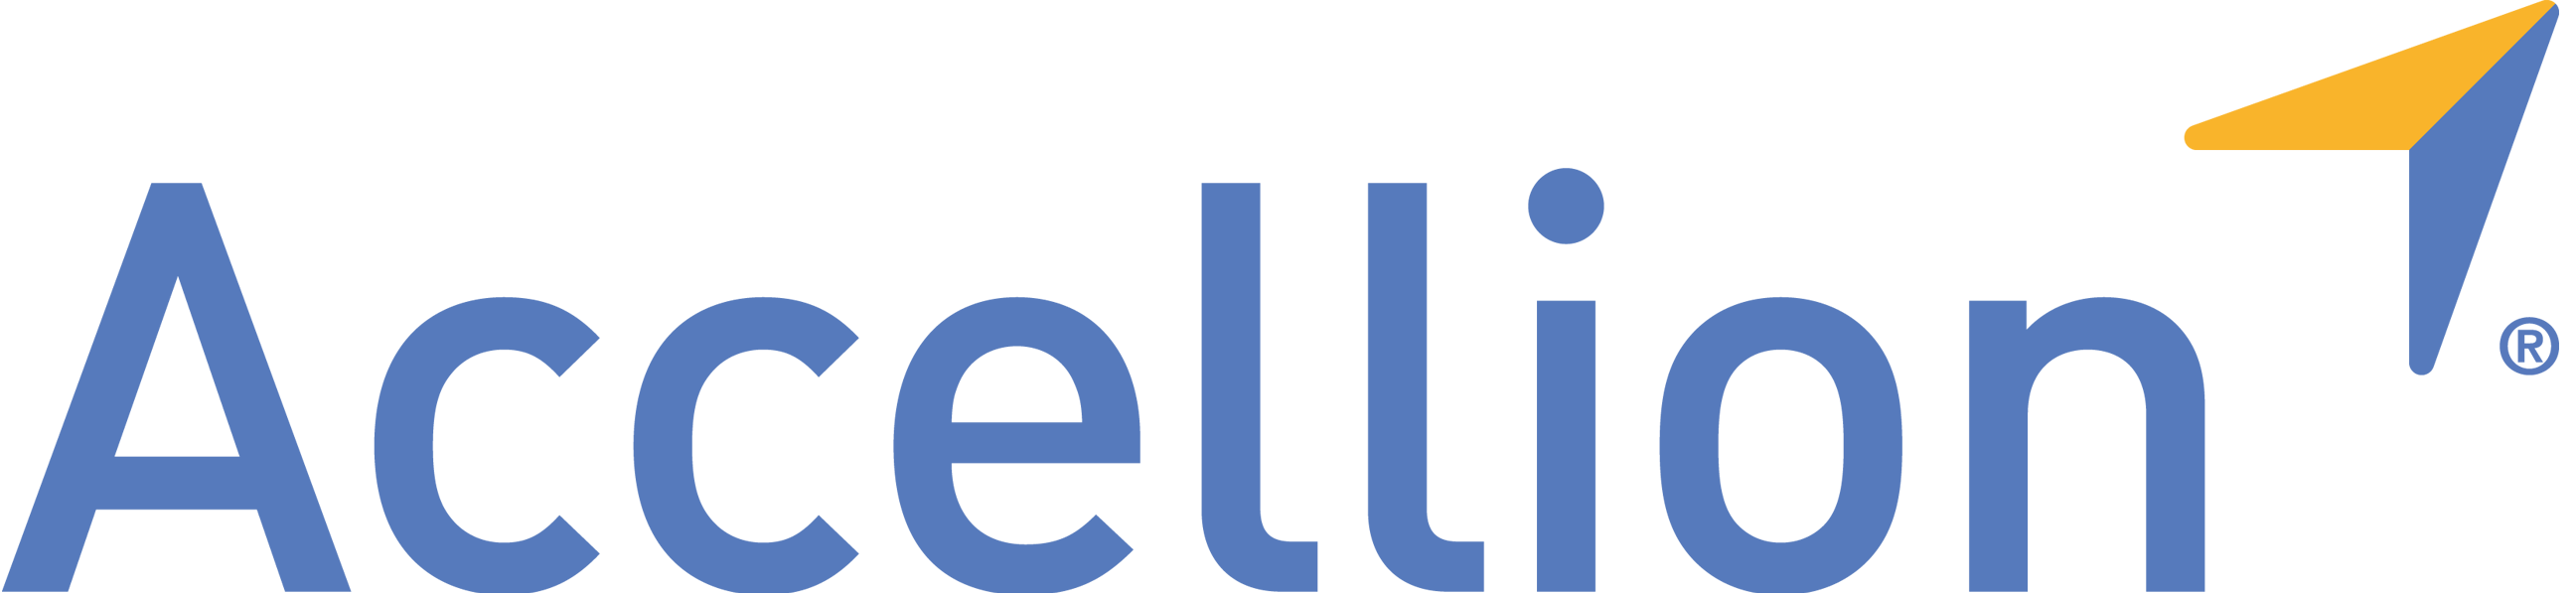 Accellion Kiteworks logo